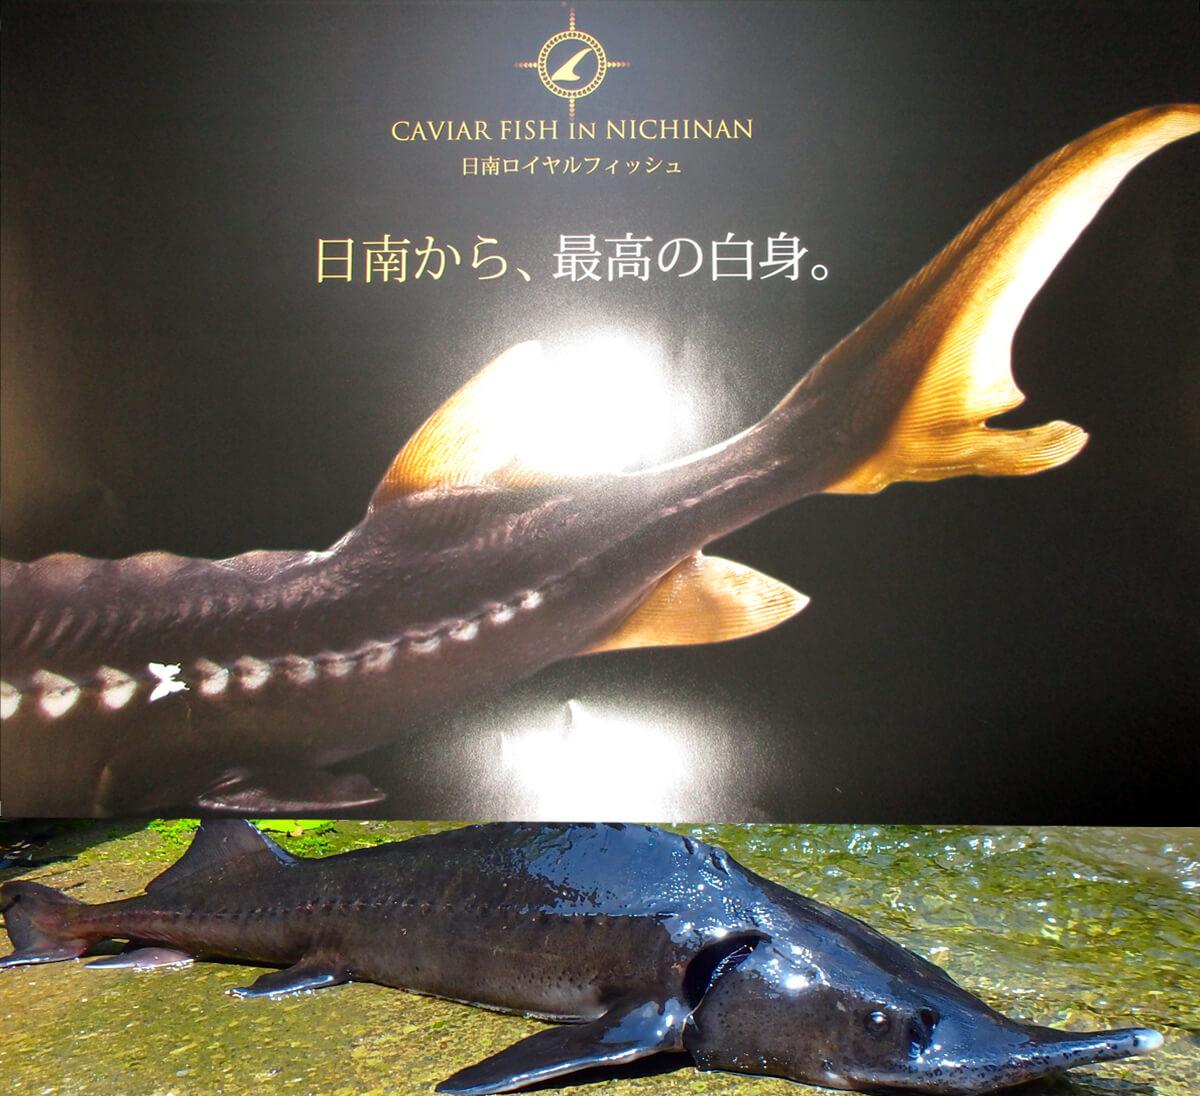 チョウザメの写真